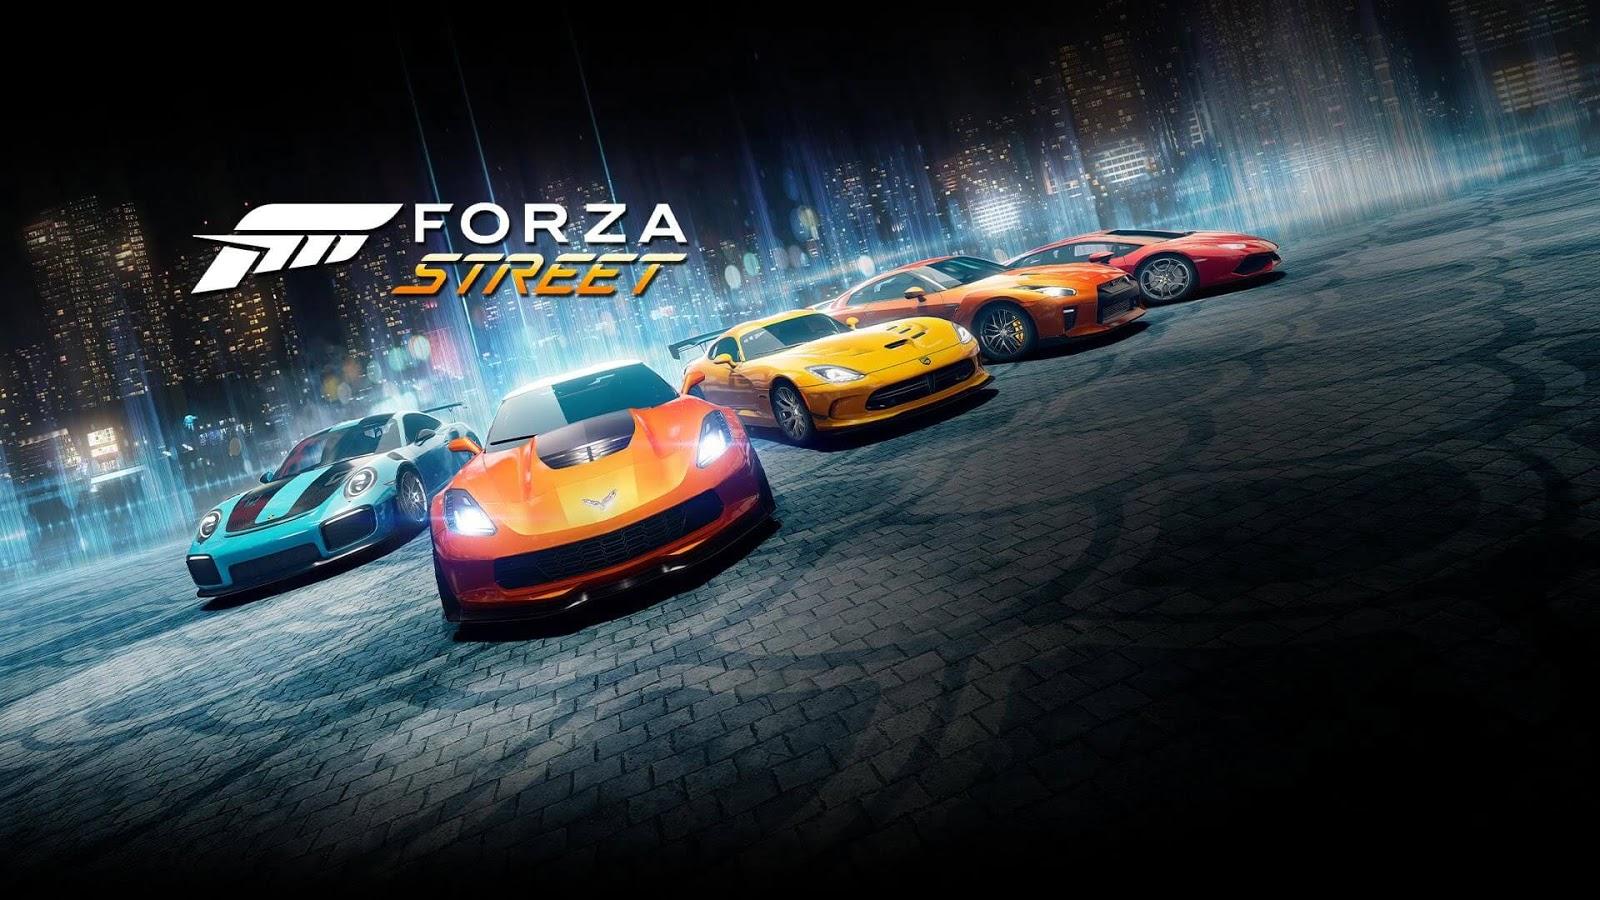 تعرف على شارع فورزا Forza Street متاحة الان على Android